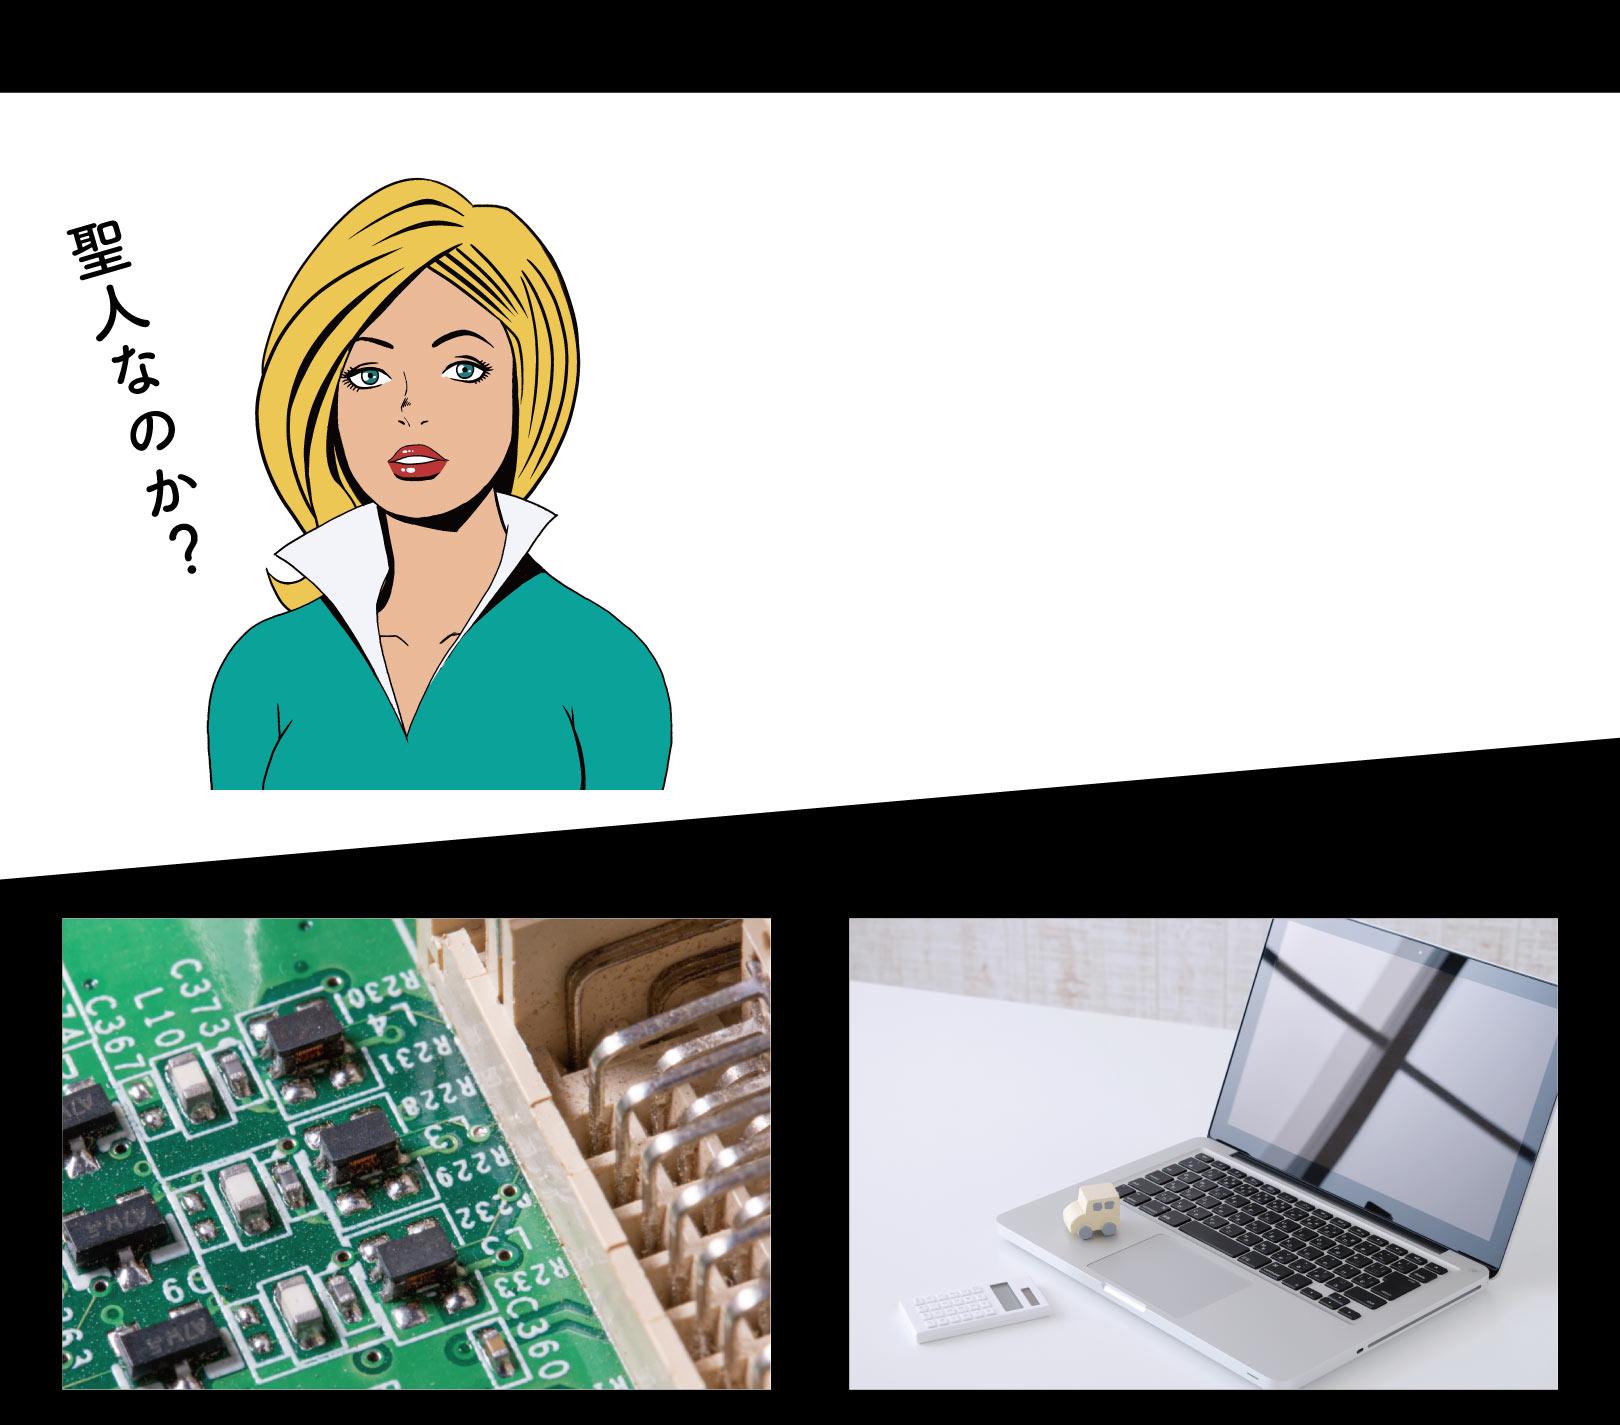 ノートパソコンの回収がなぜ無料になるのか不思議に思いませんか?